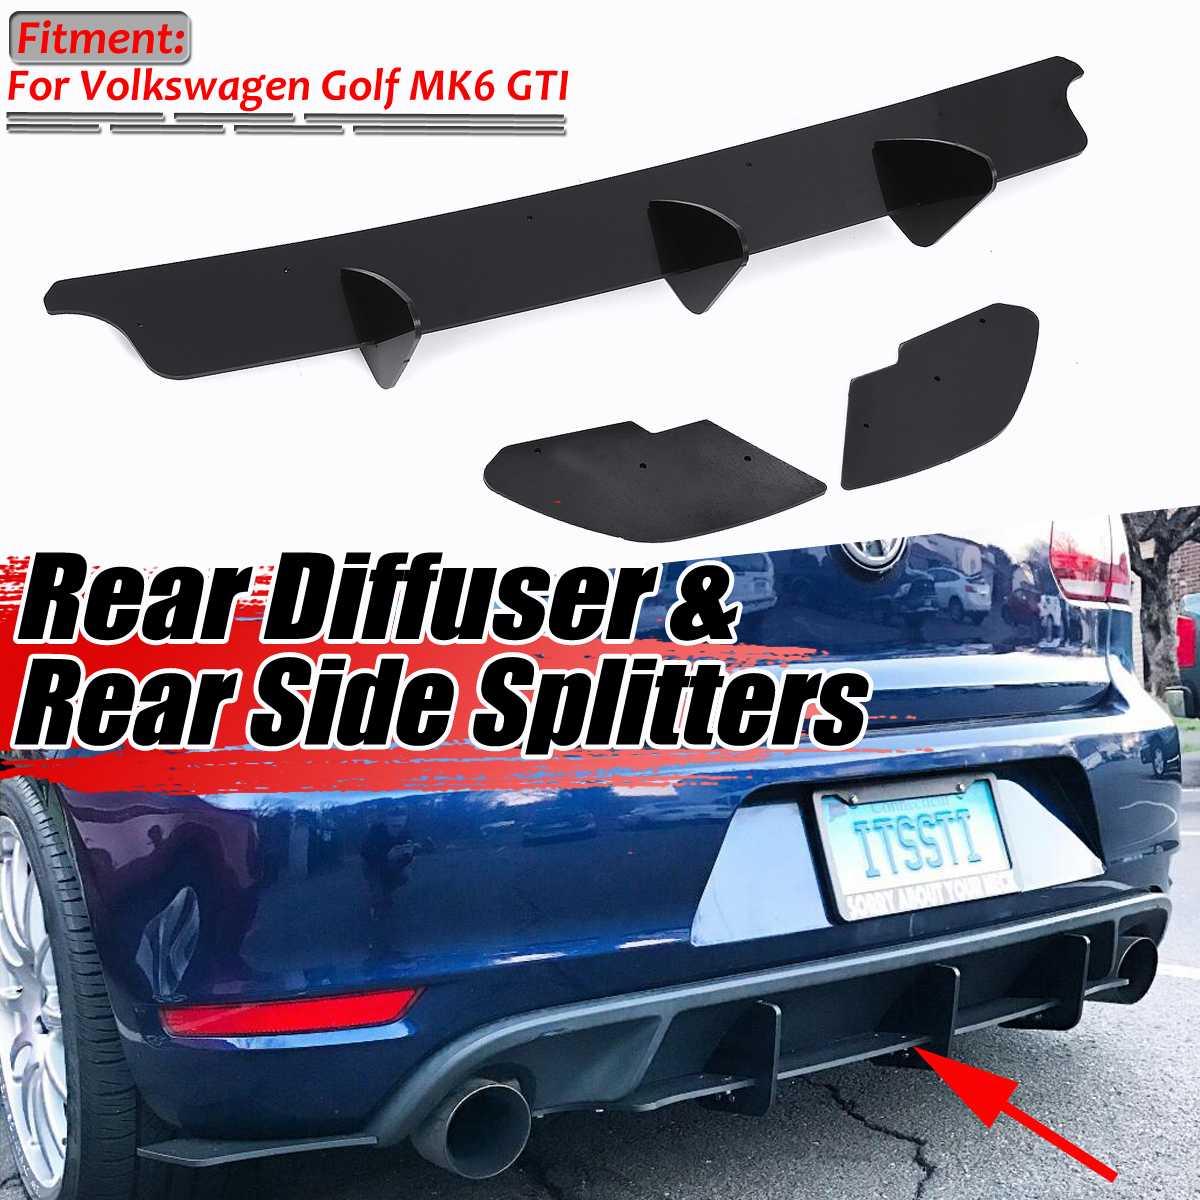 Dla GTI dyfuzor tylnego zderzaka samochodowego i tylna boczna rozgałęźniki osłona spoilera dla VW dla volkswagena dla golfa MK6 GTI/MK7 GTI/MK7.5 GTI